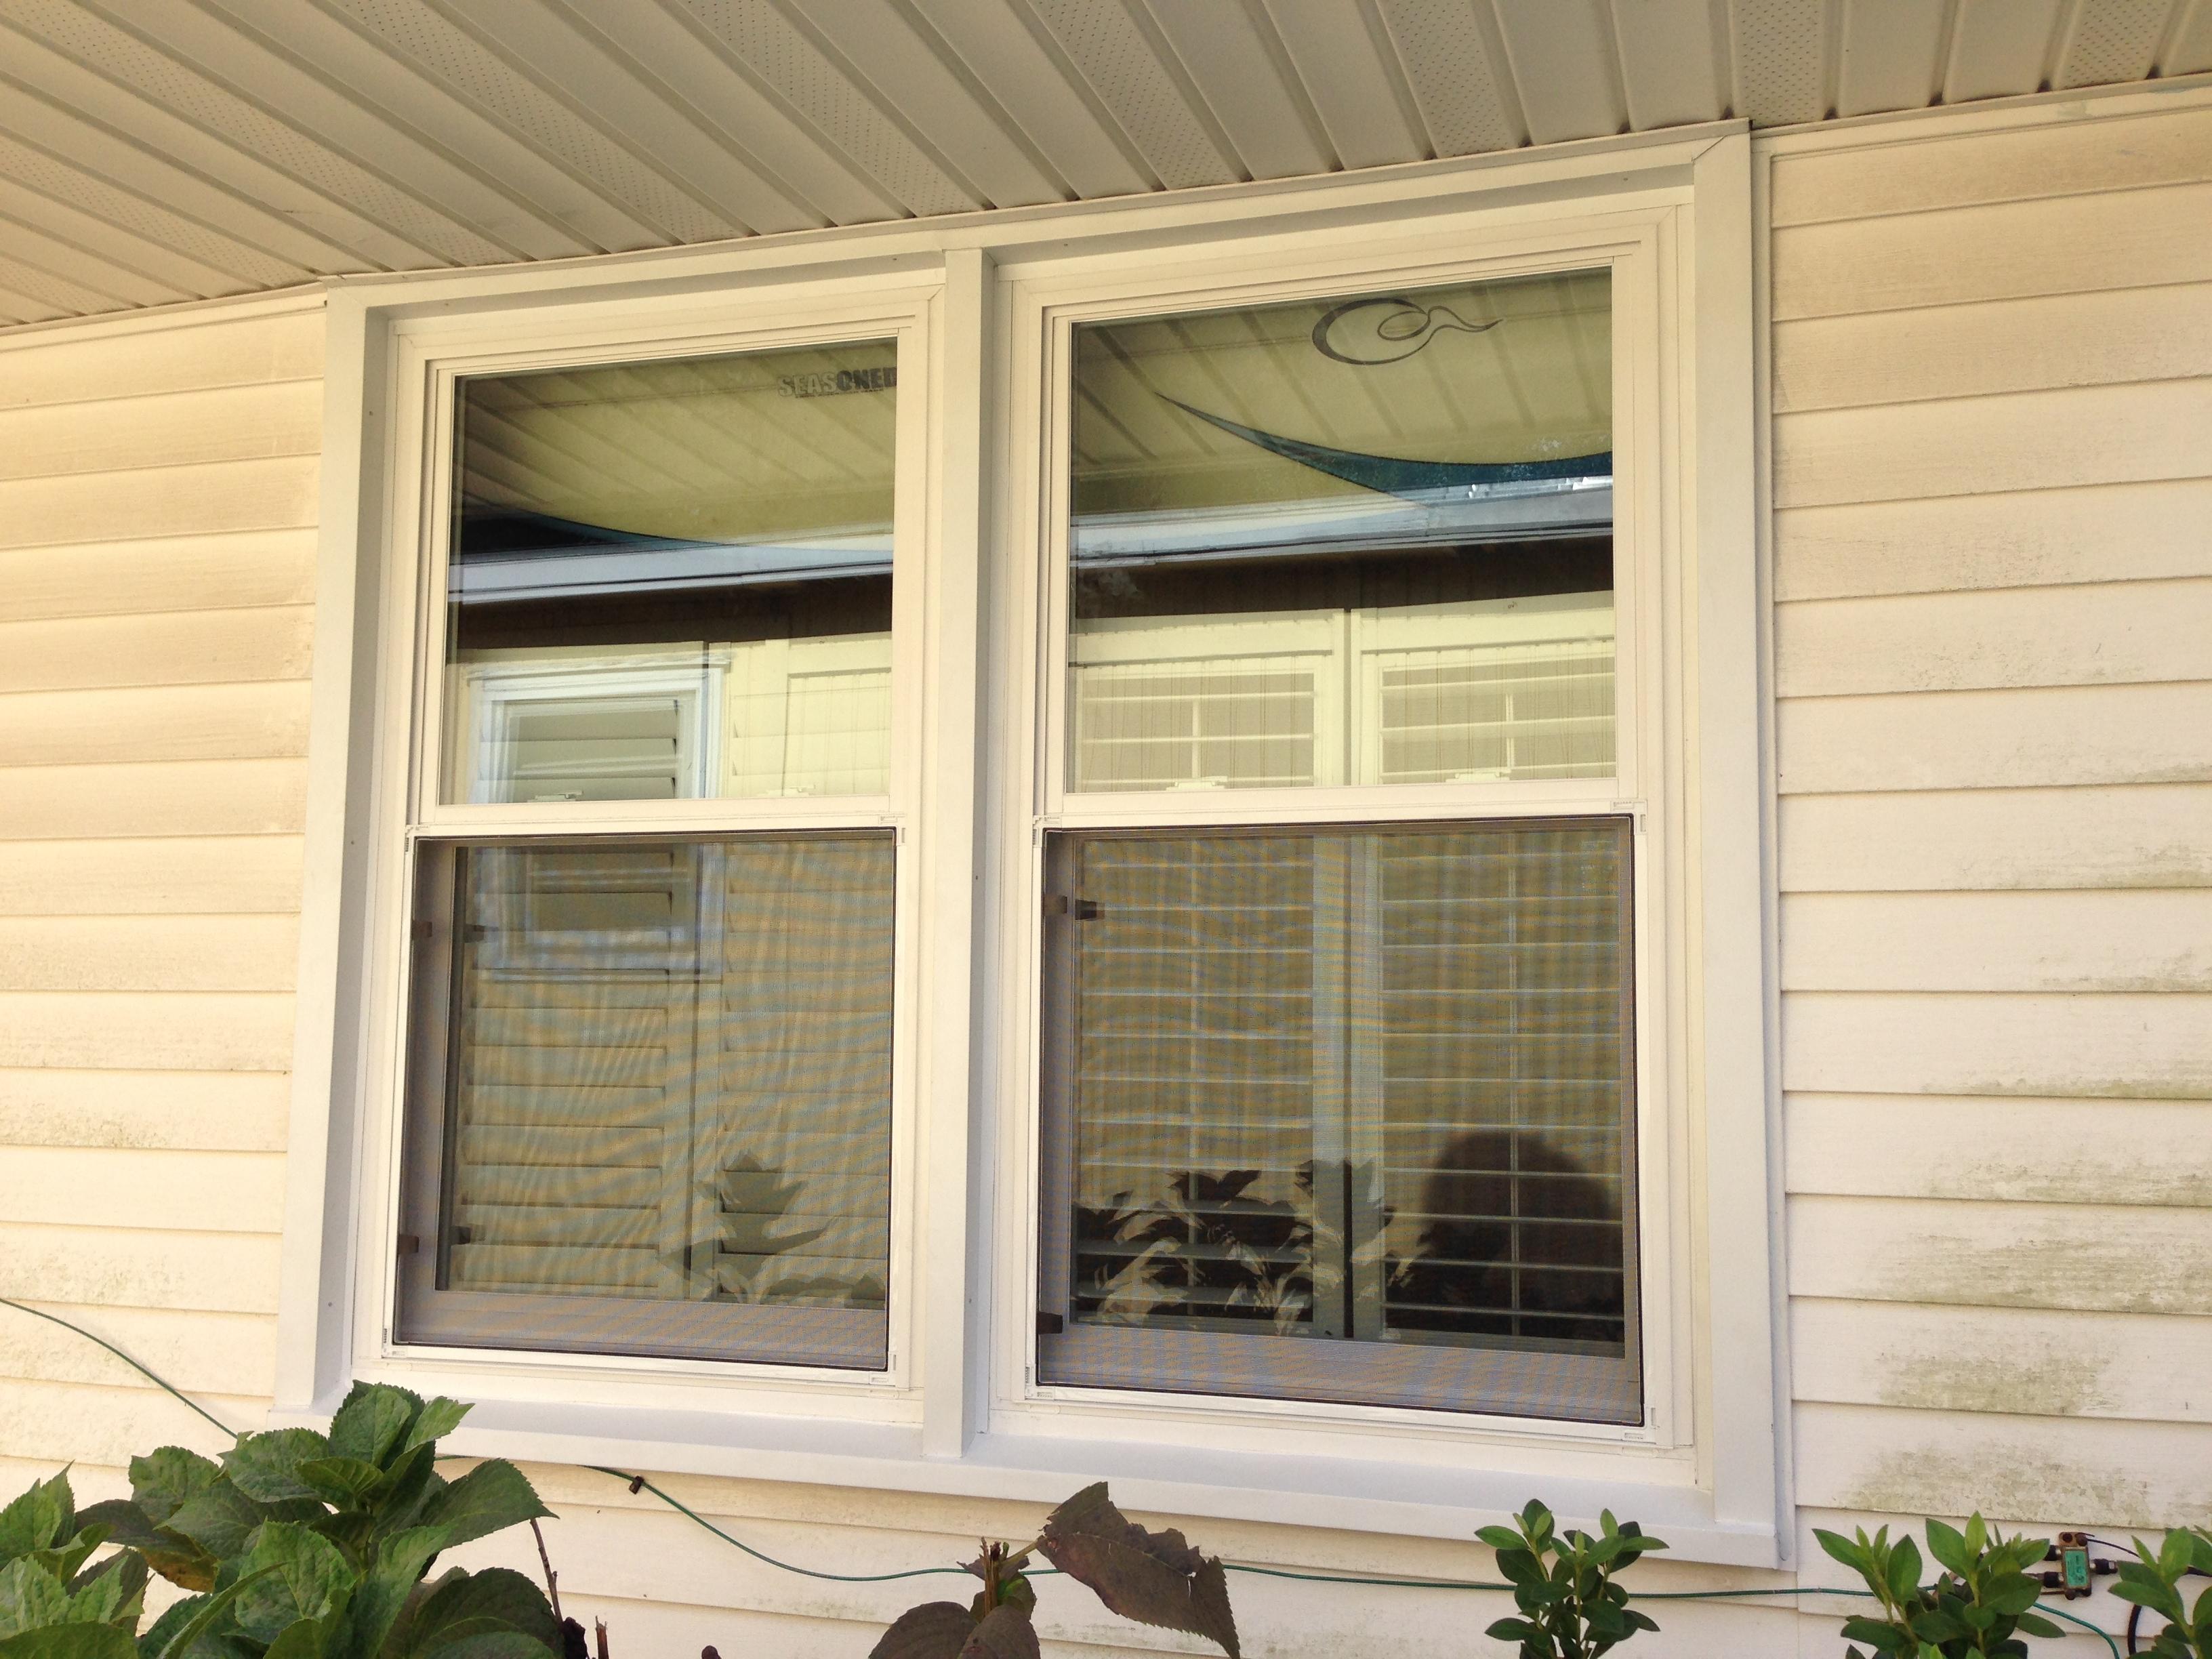 Replacement windows in mt pleasant delpino custom homes llc for Custom replacement windows